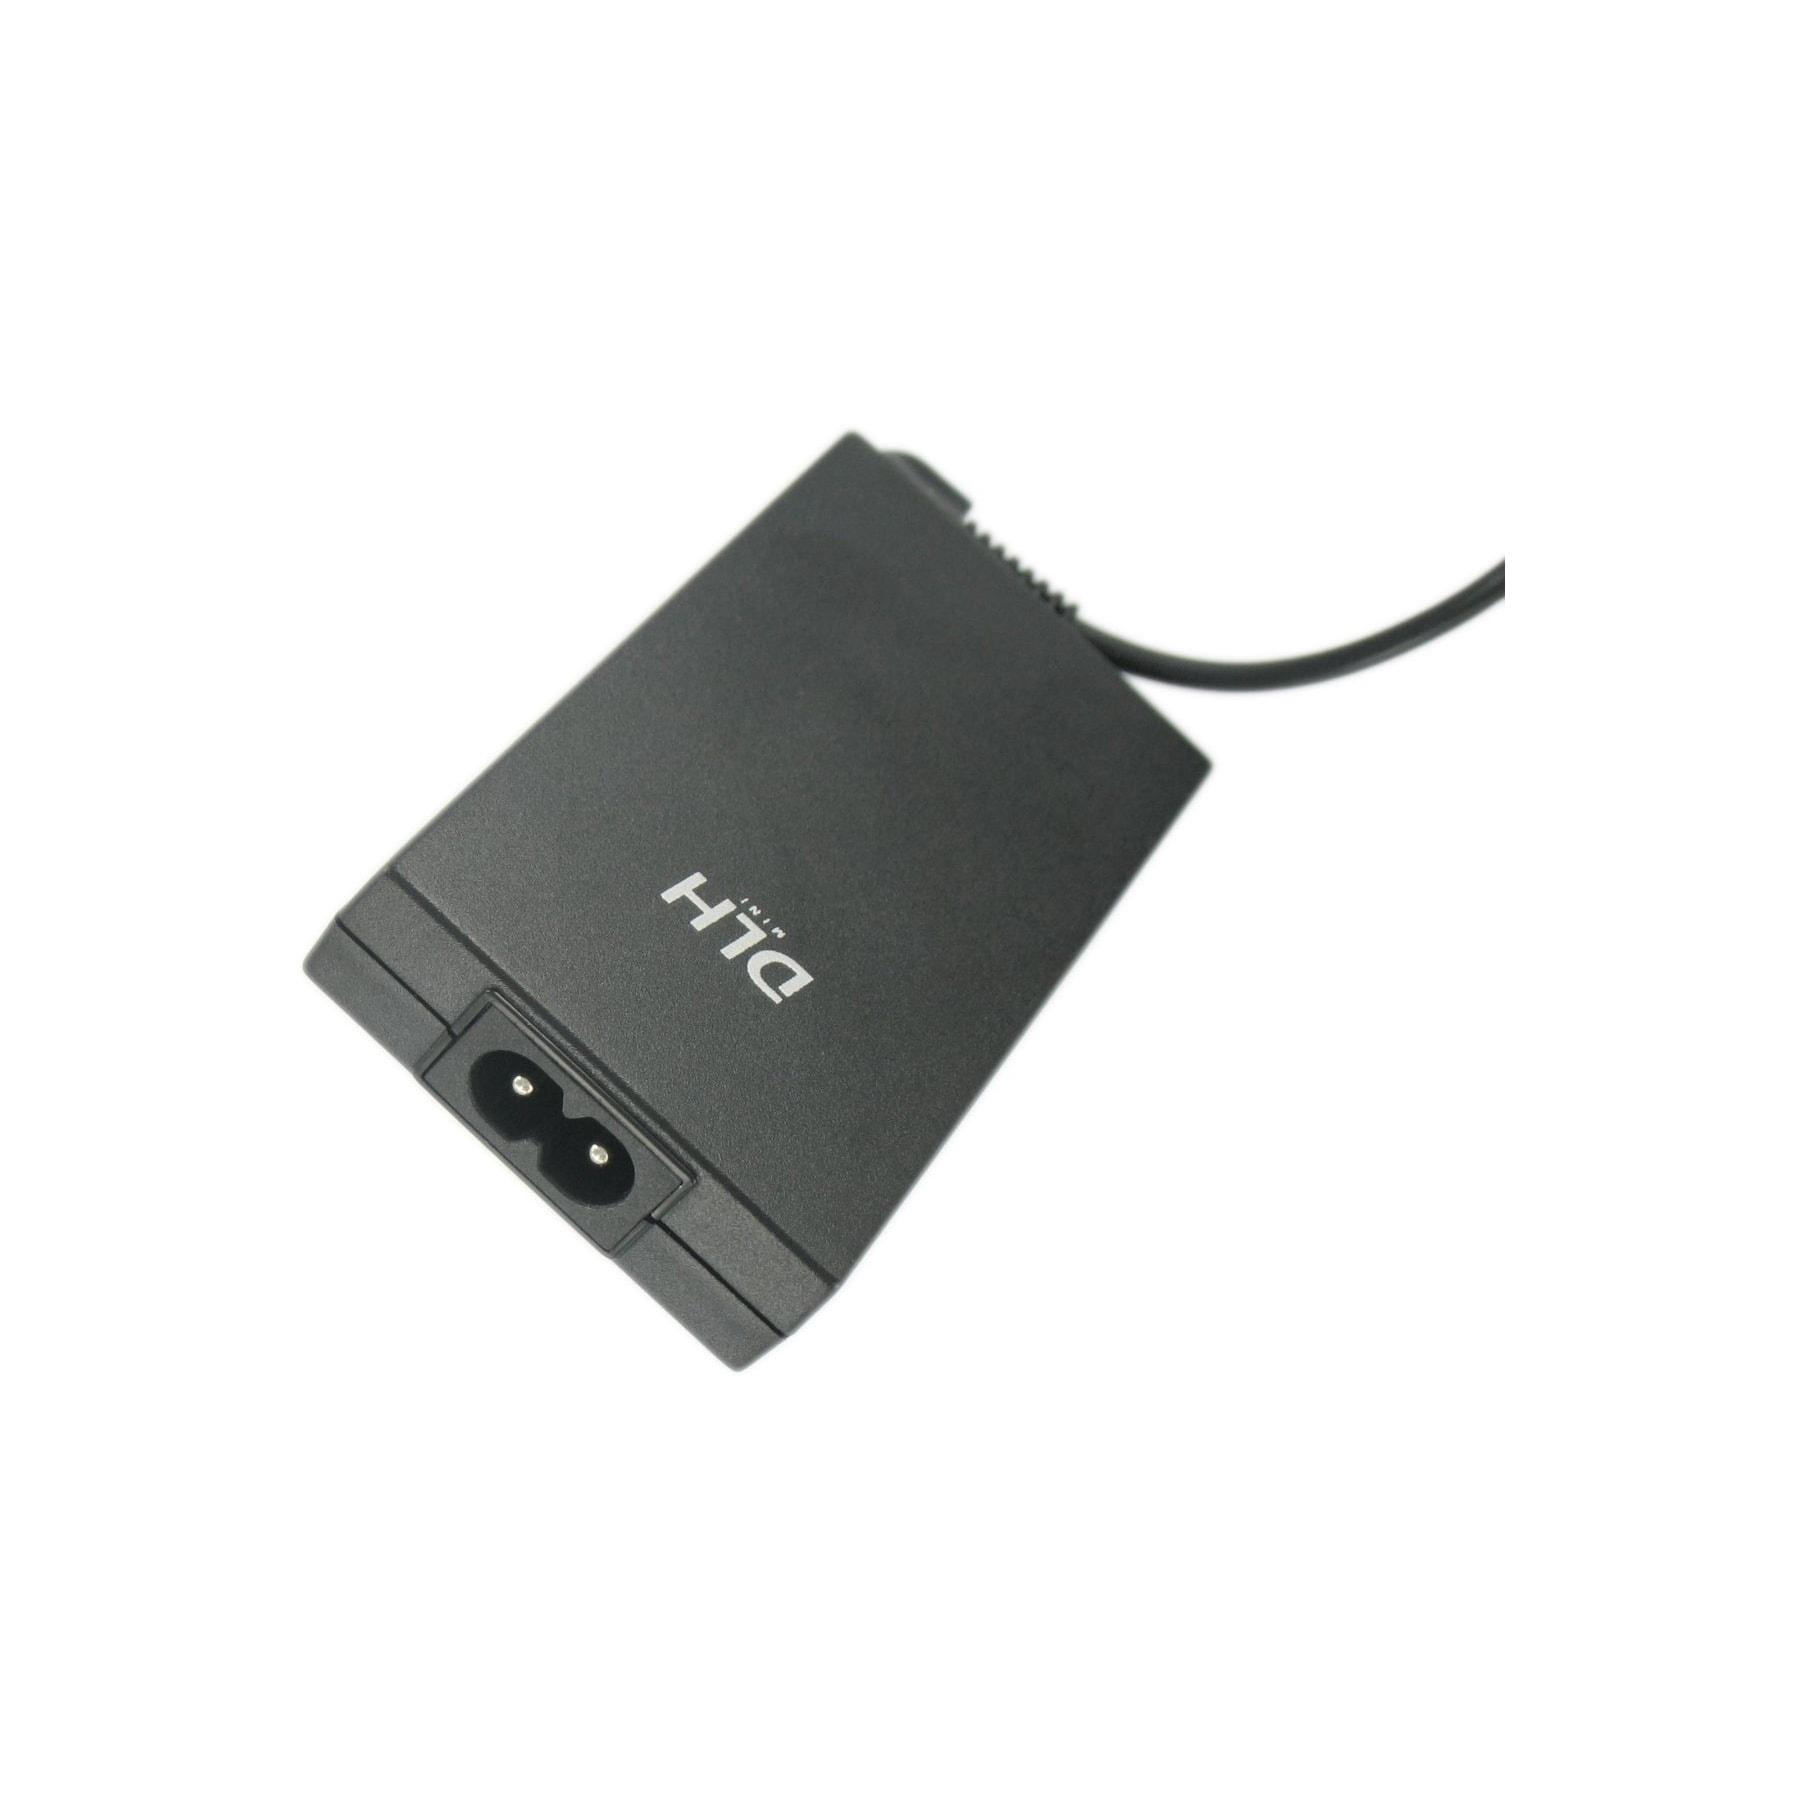 adaptateur Secteur universel Mini 65W - DLH Energy - 2